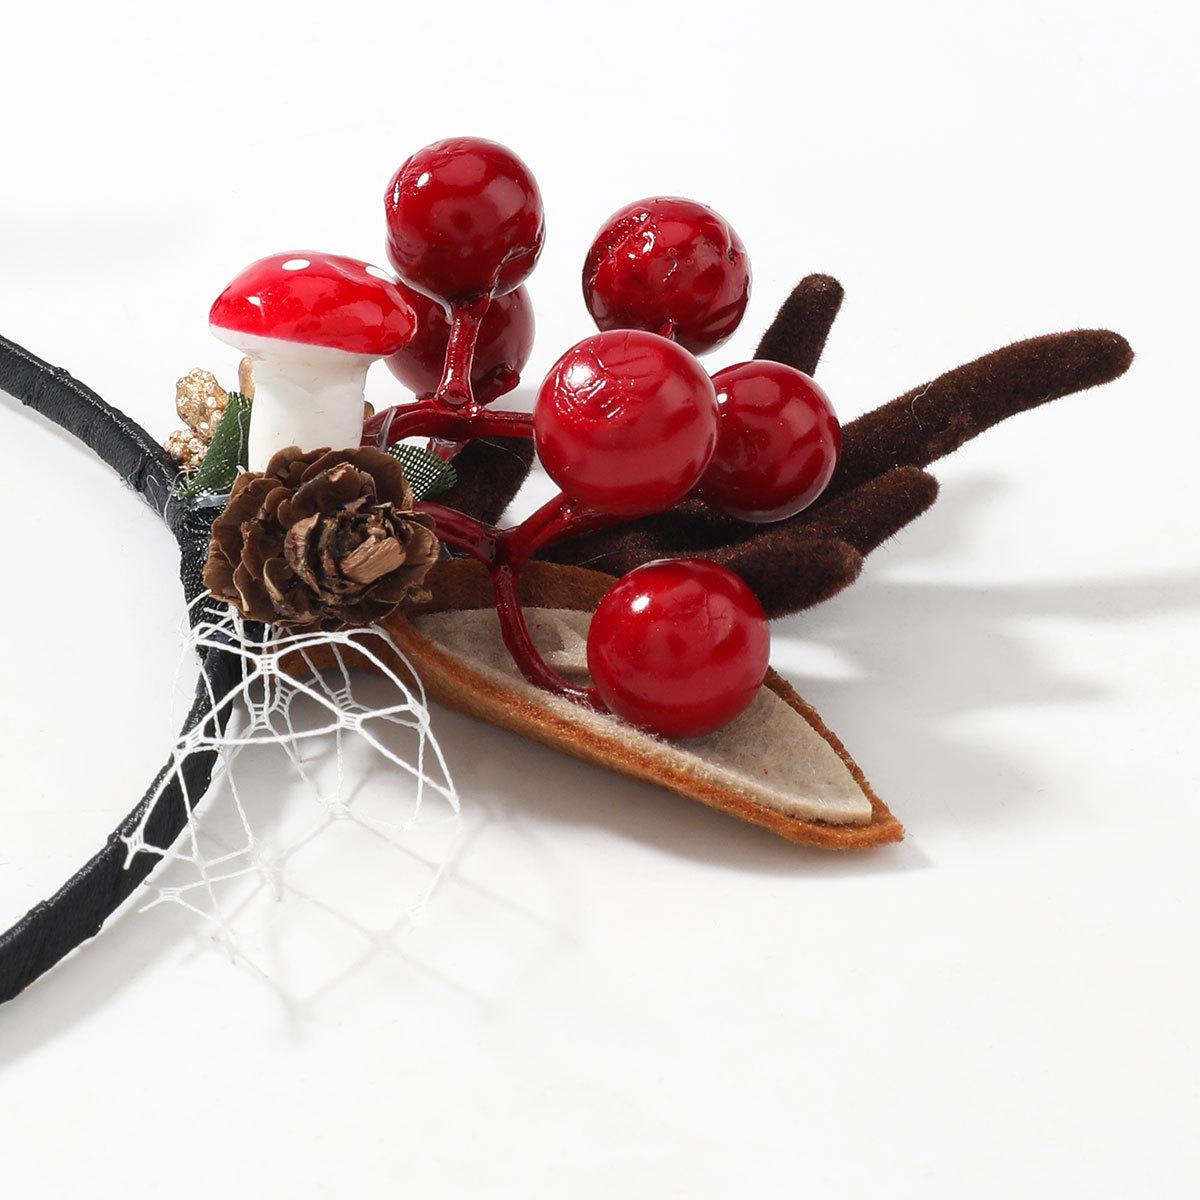 Serrette en bois de flanelle de rsine de boule de pin cratif de srie de Nol NHJE263103